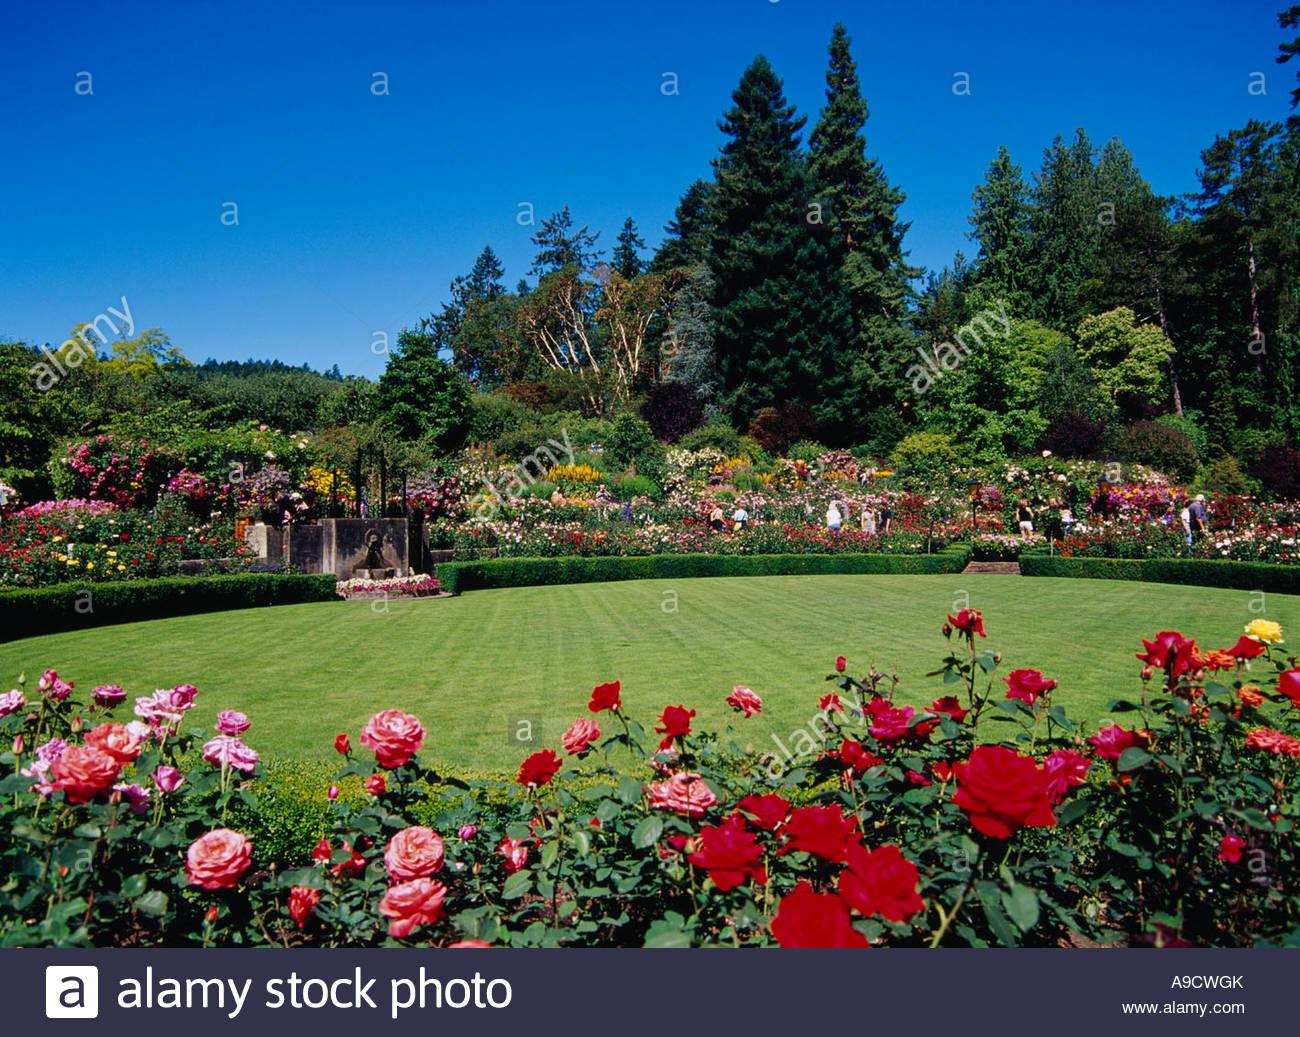 butchart garden stock photos u0026 butchart garden stock images alamy